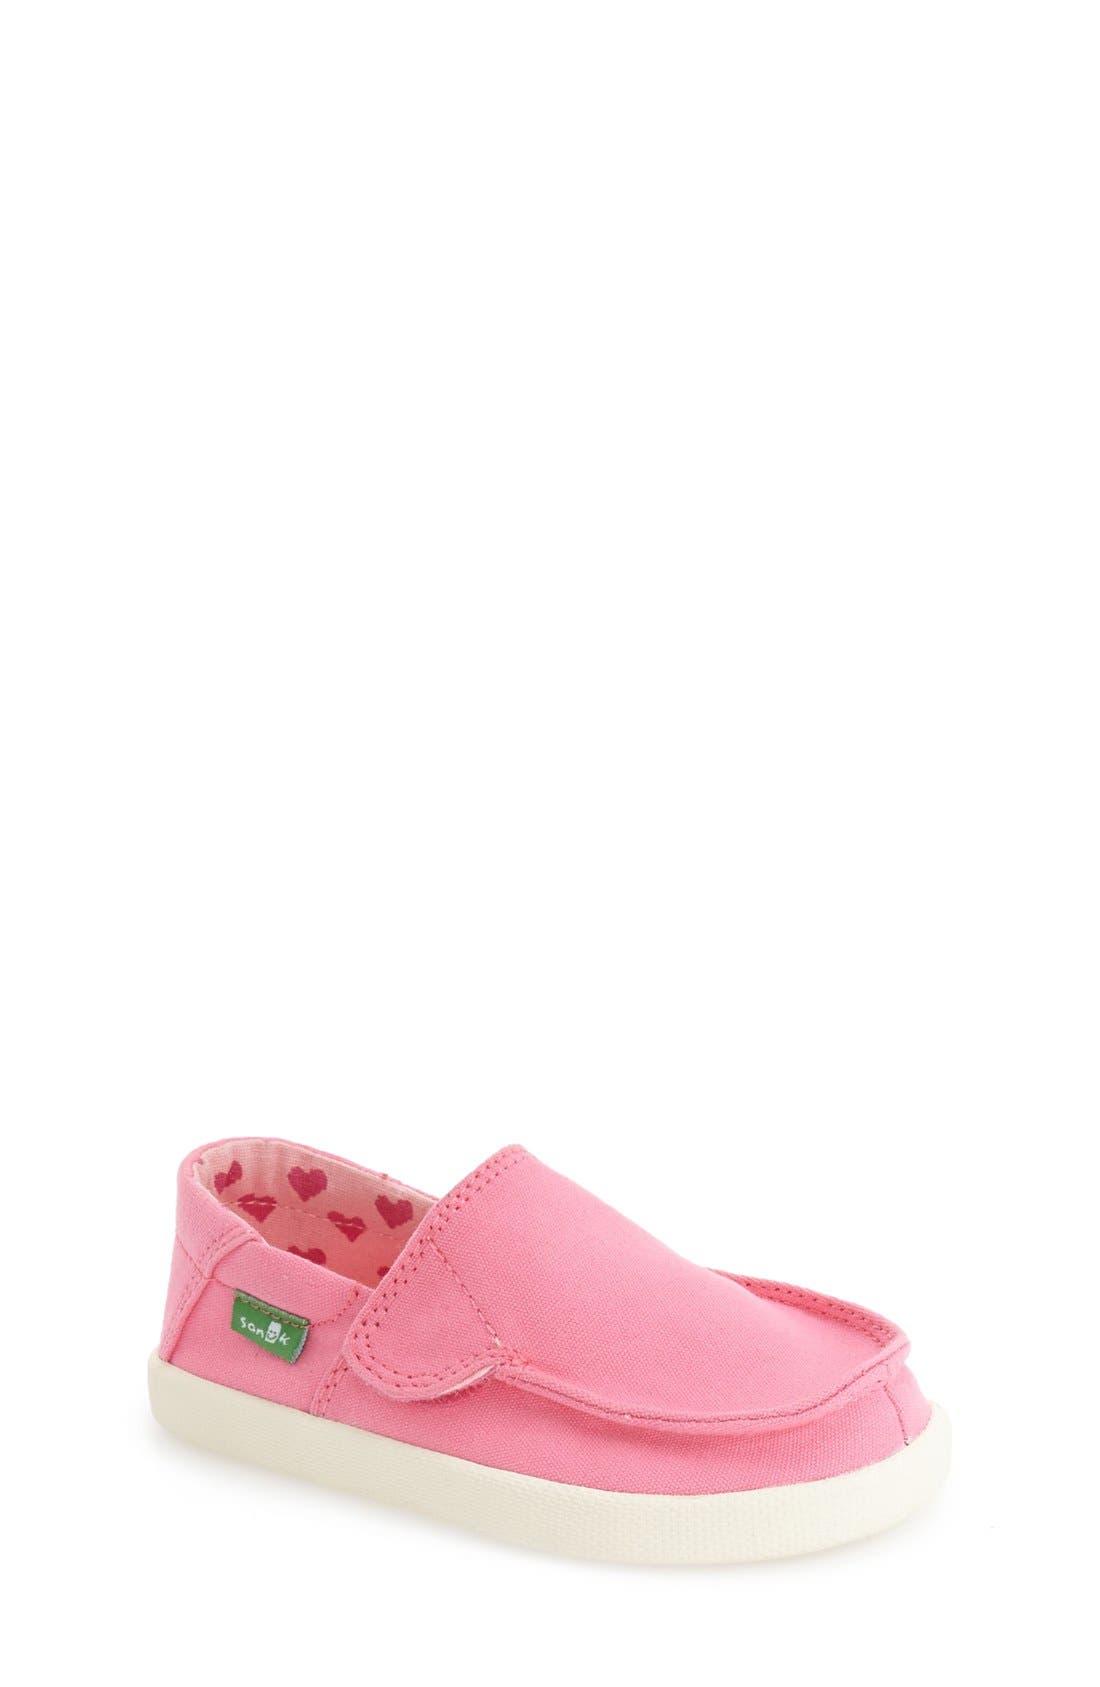 Sanuk 'Sideskip' Slip-On Sneaker (Toddler, Little Kid & Big Kid)